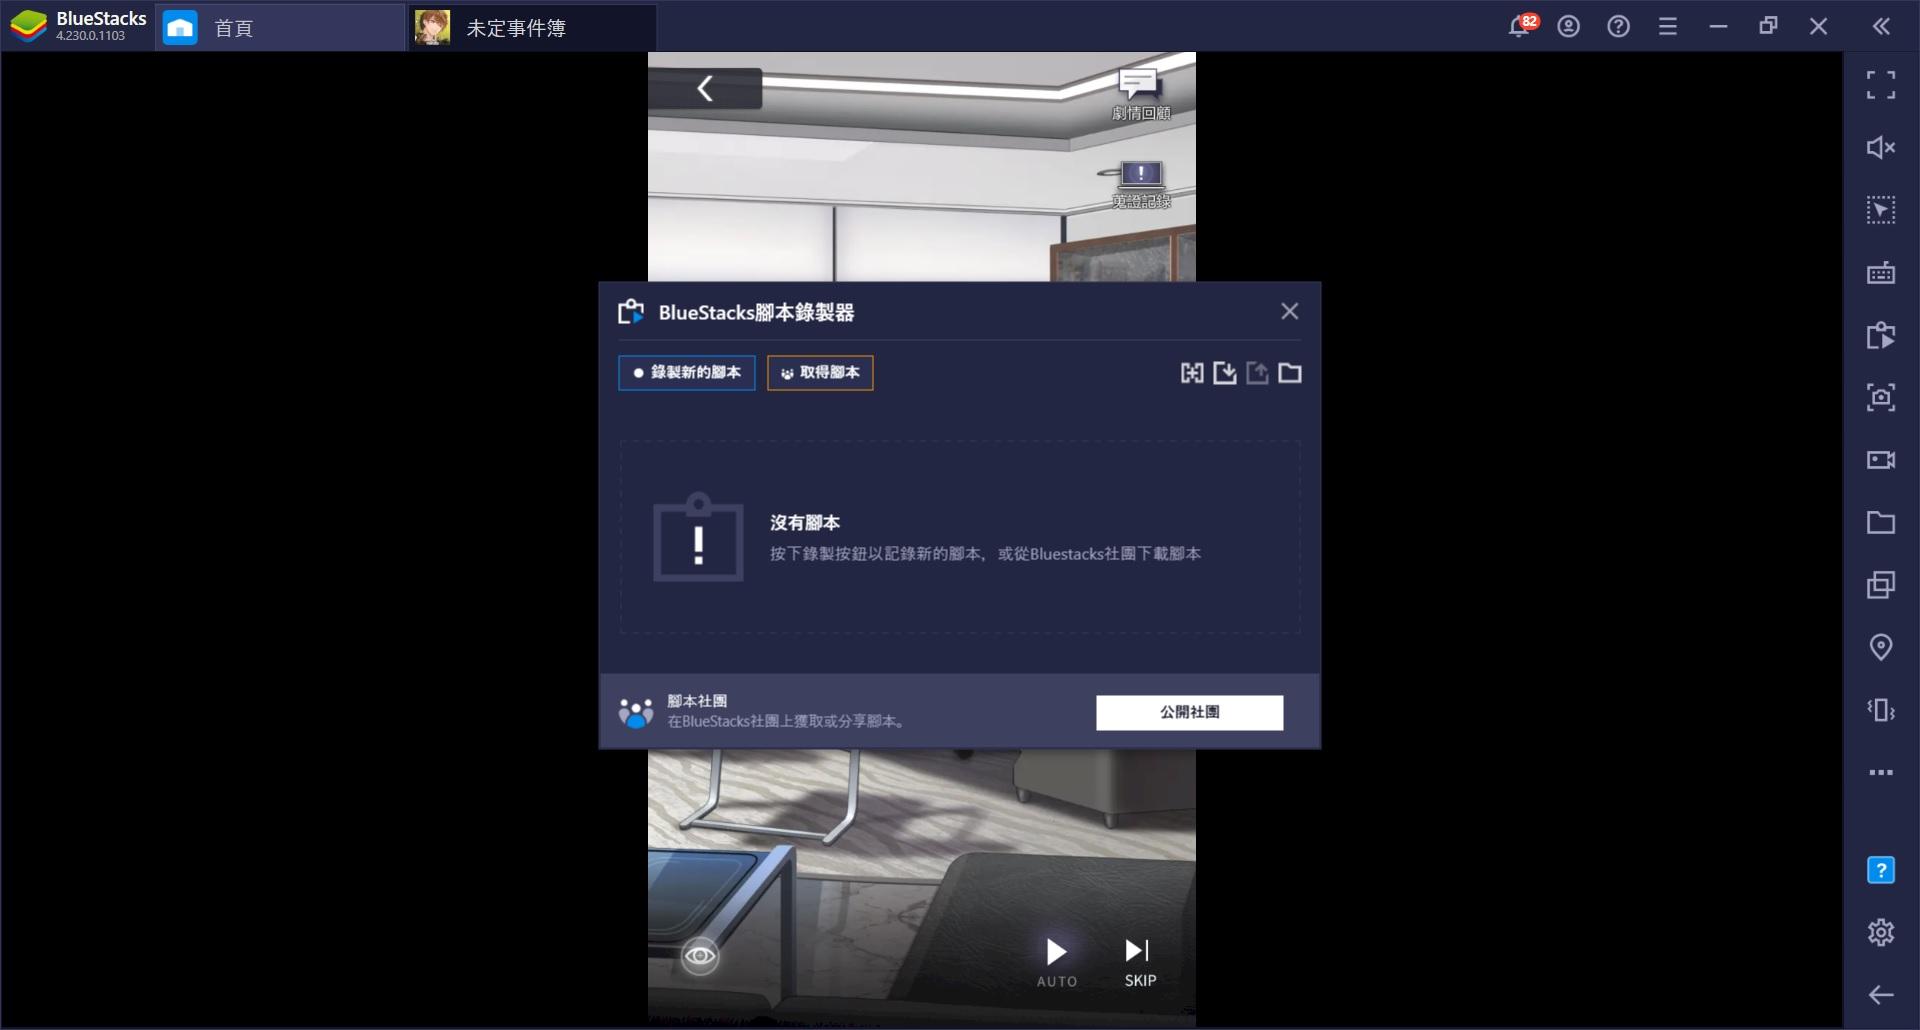 如何使用BlueStacks的「腳本錄製器」來錄製《未定事件簿》中的操作?